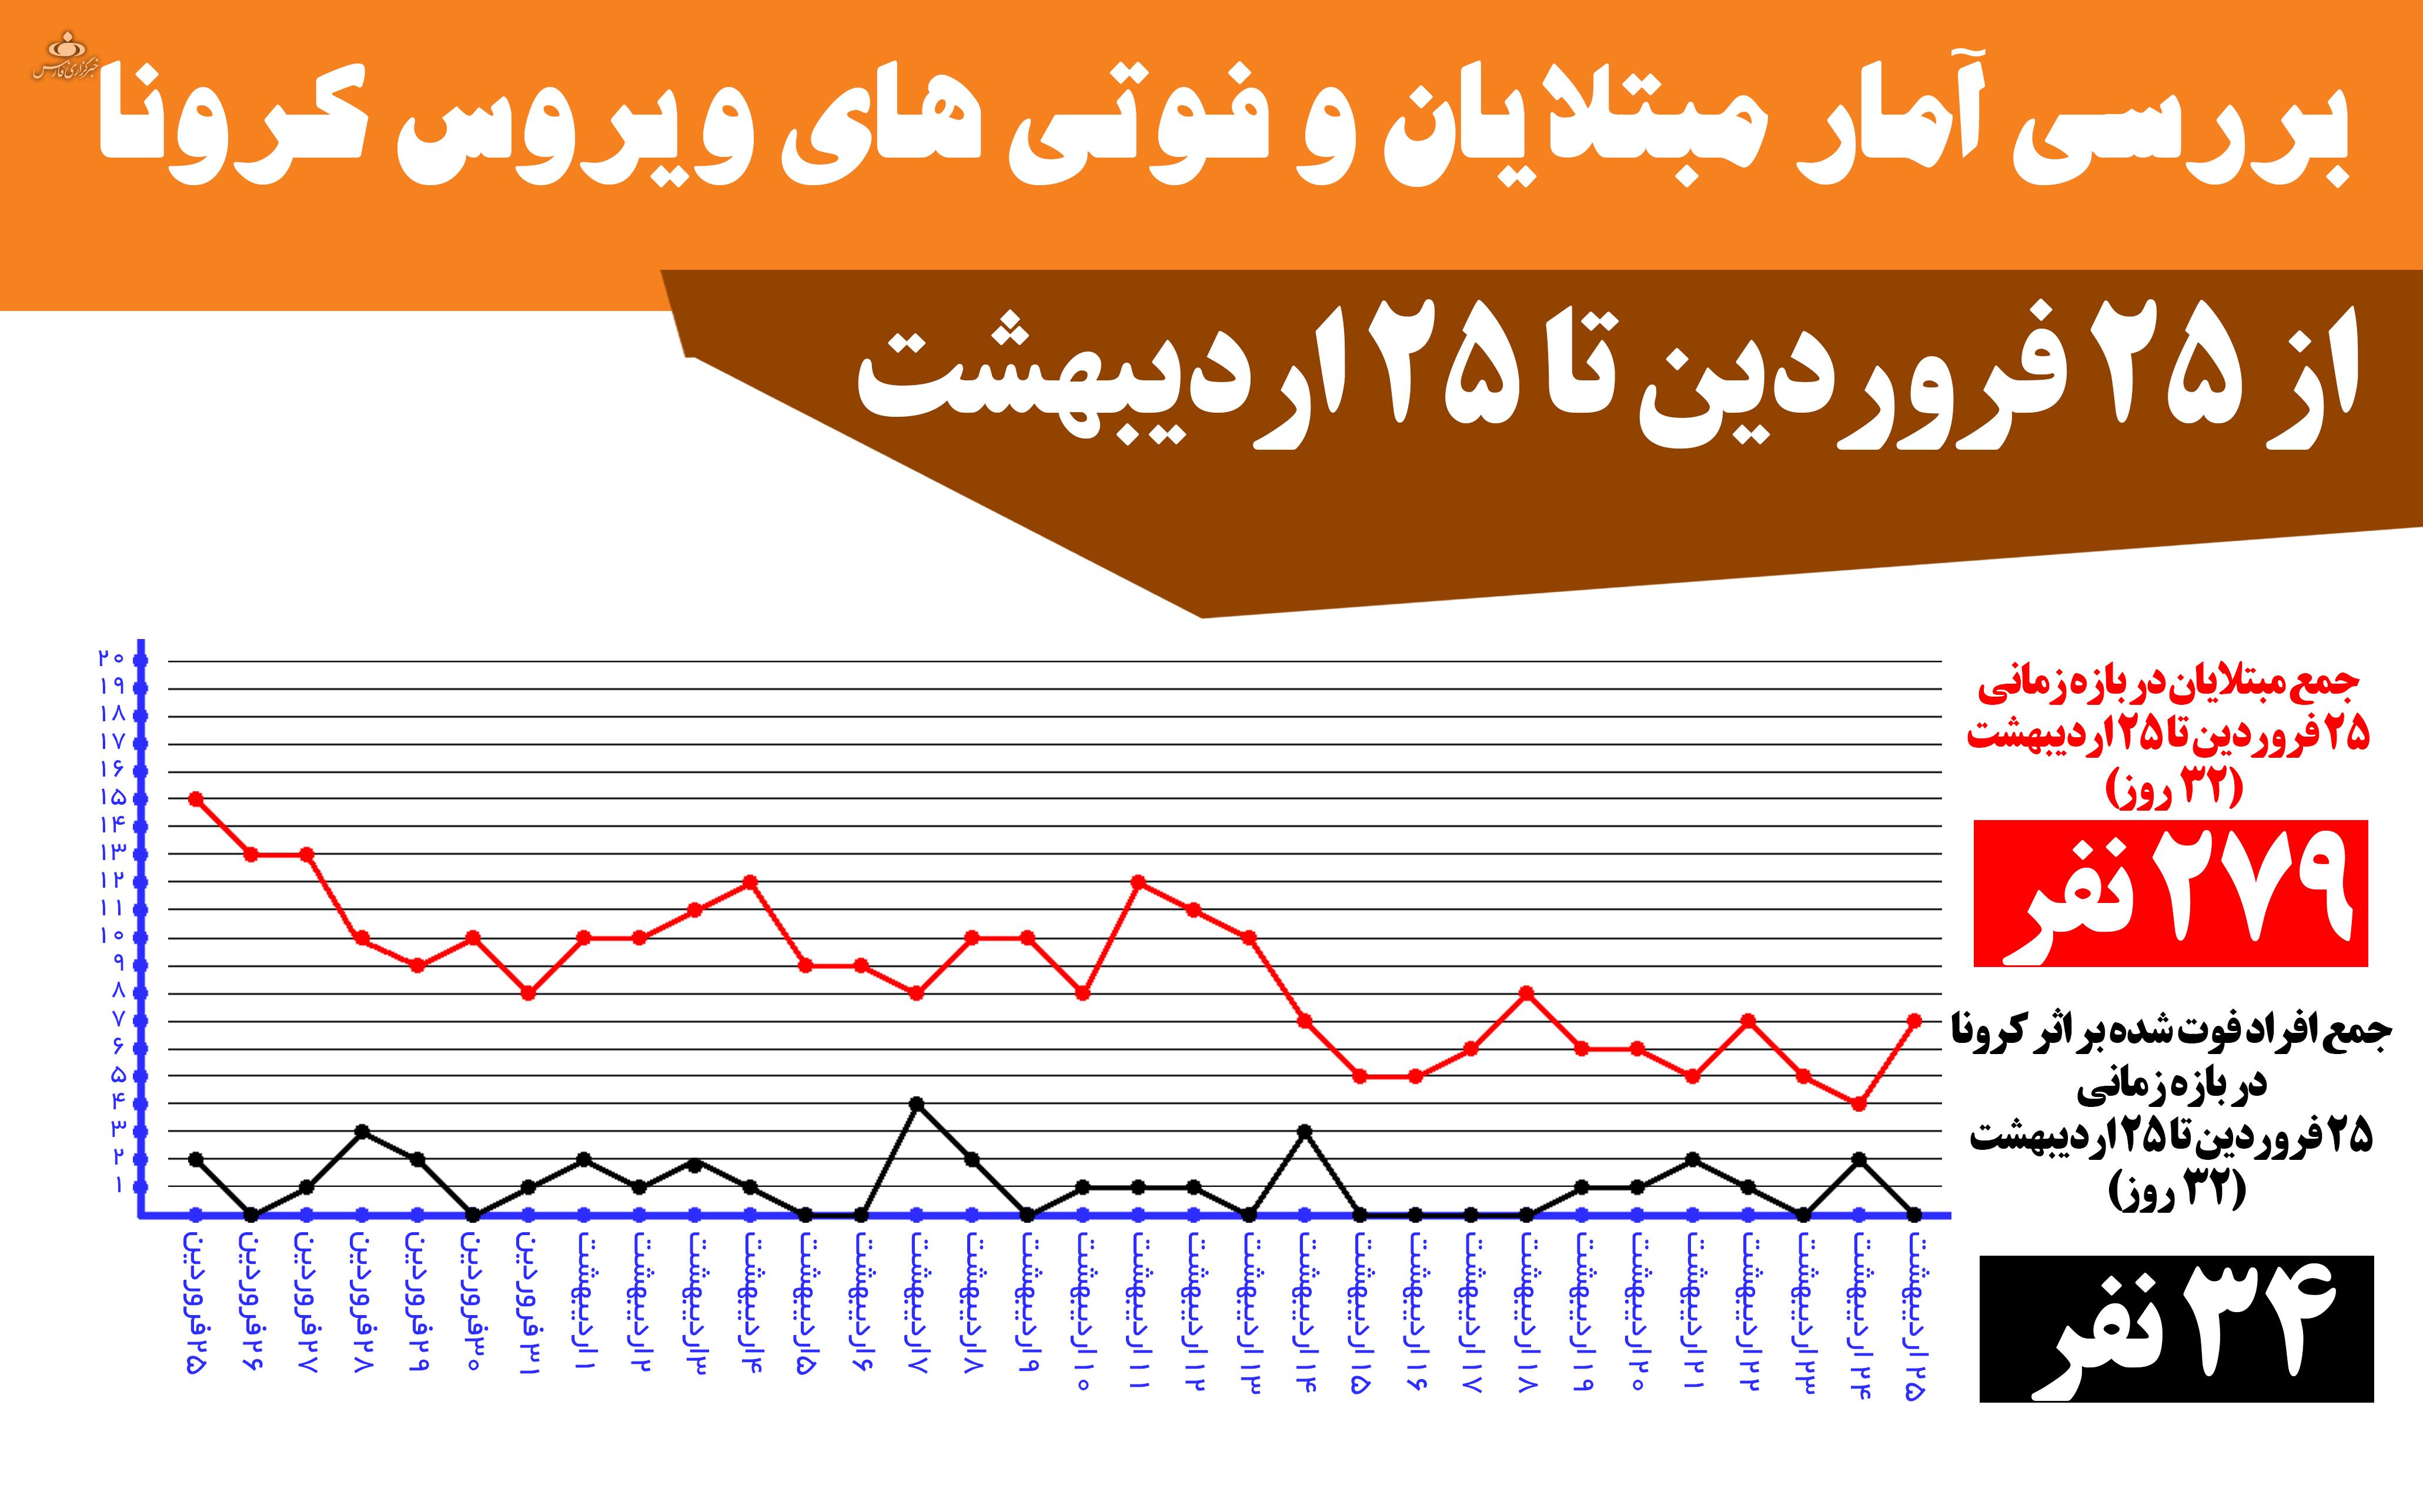 بررسی آمار فوتیها و بیماری کرونا در استان زنجان